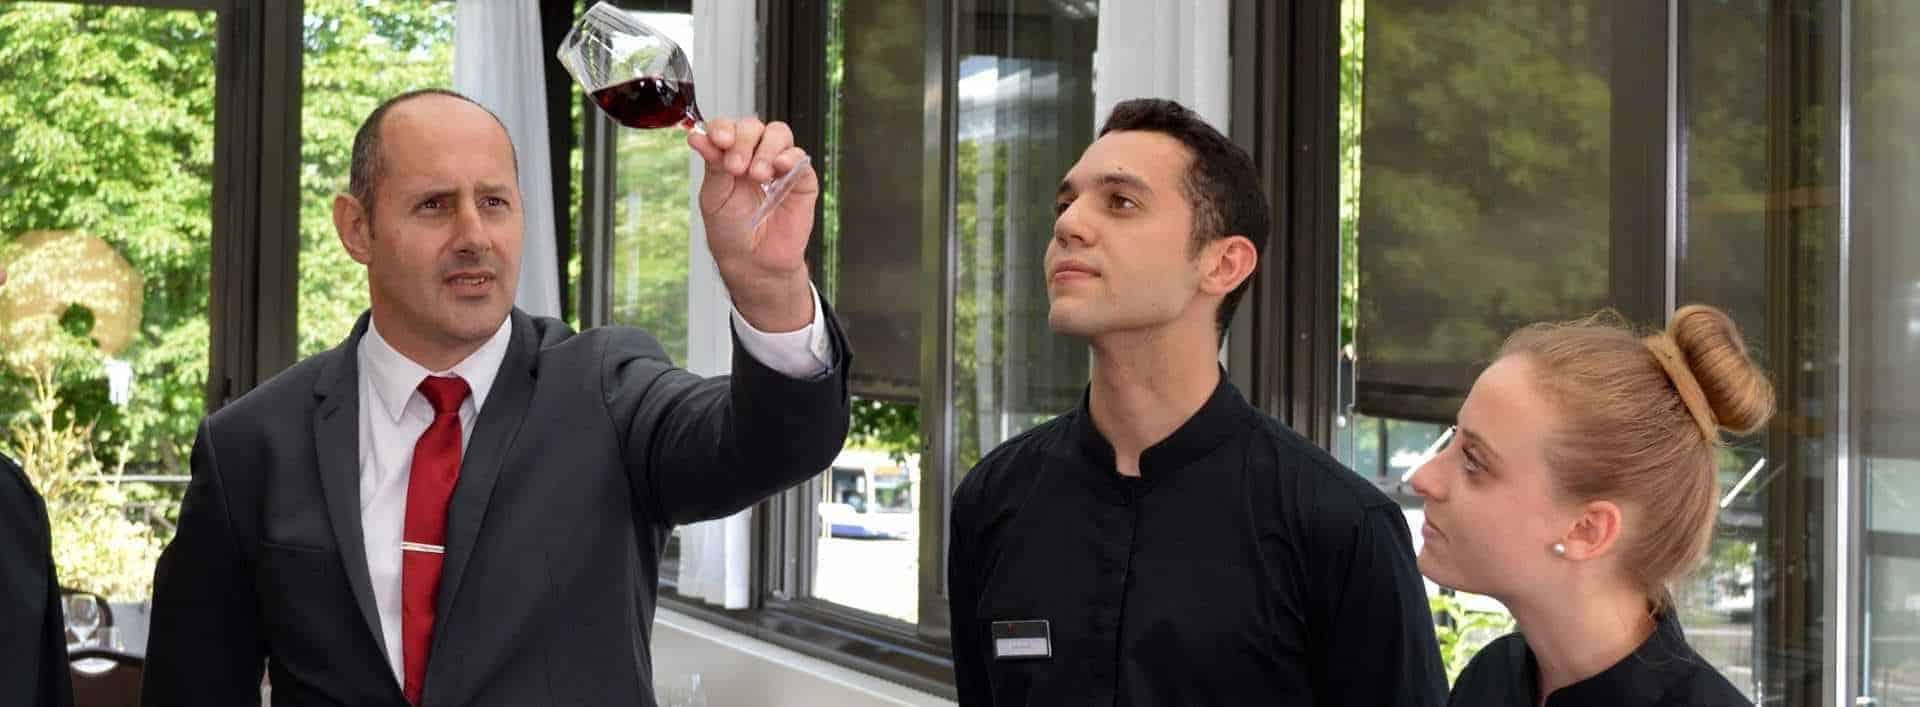 Recruter un Stagiaire de l'Ecole Hôtelière de Geneve